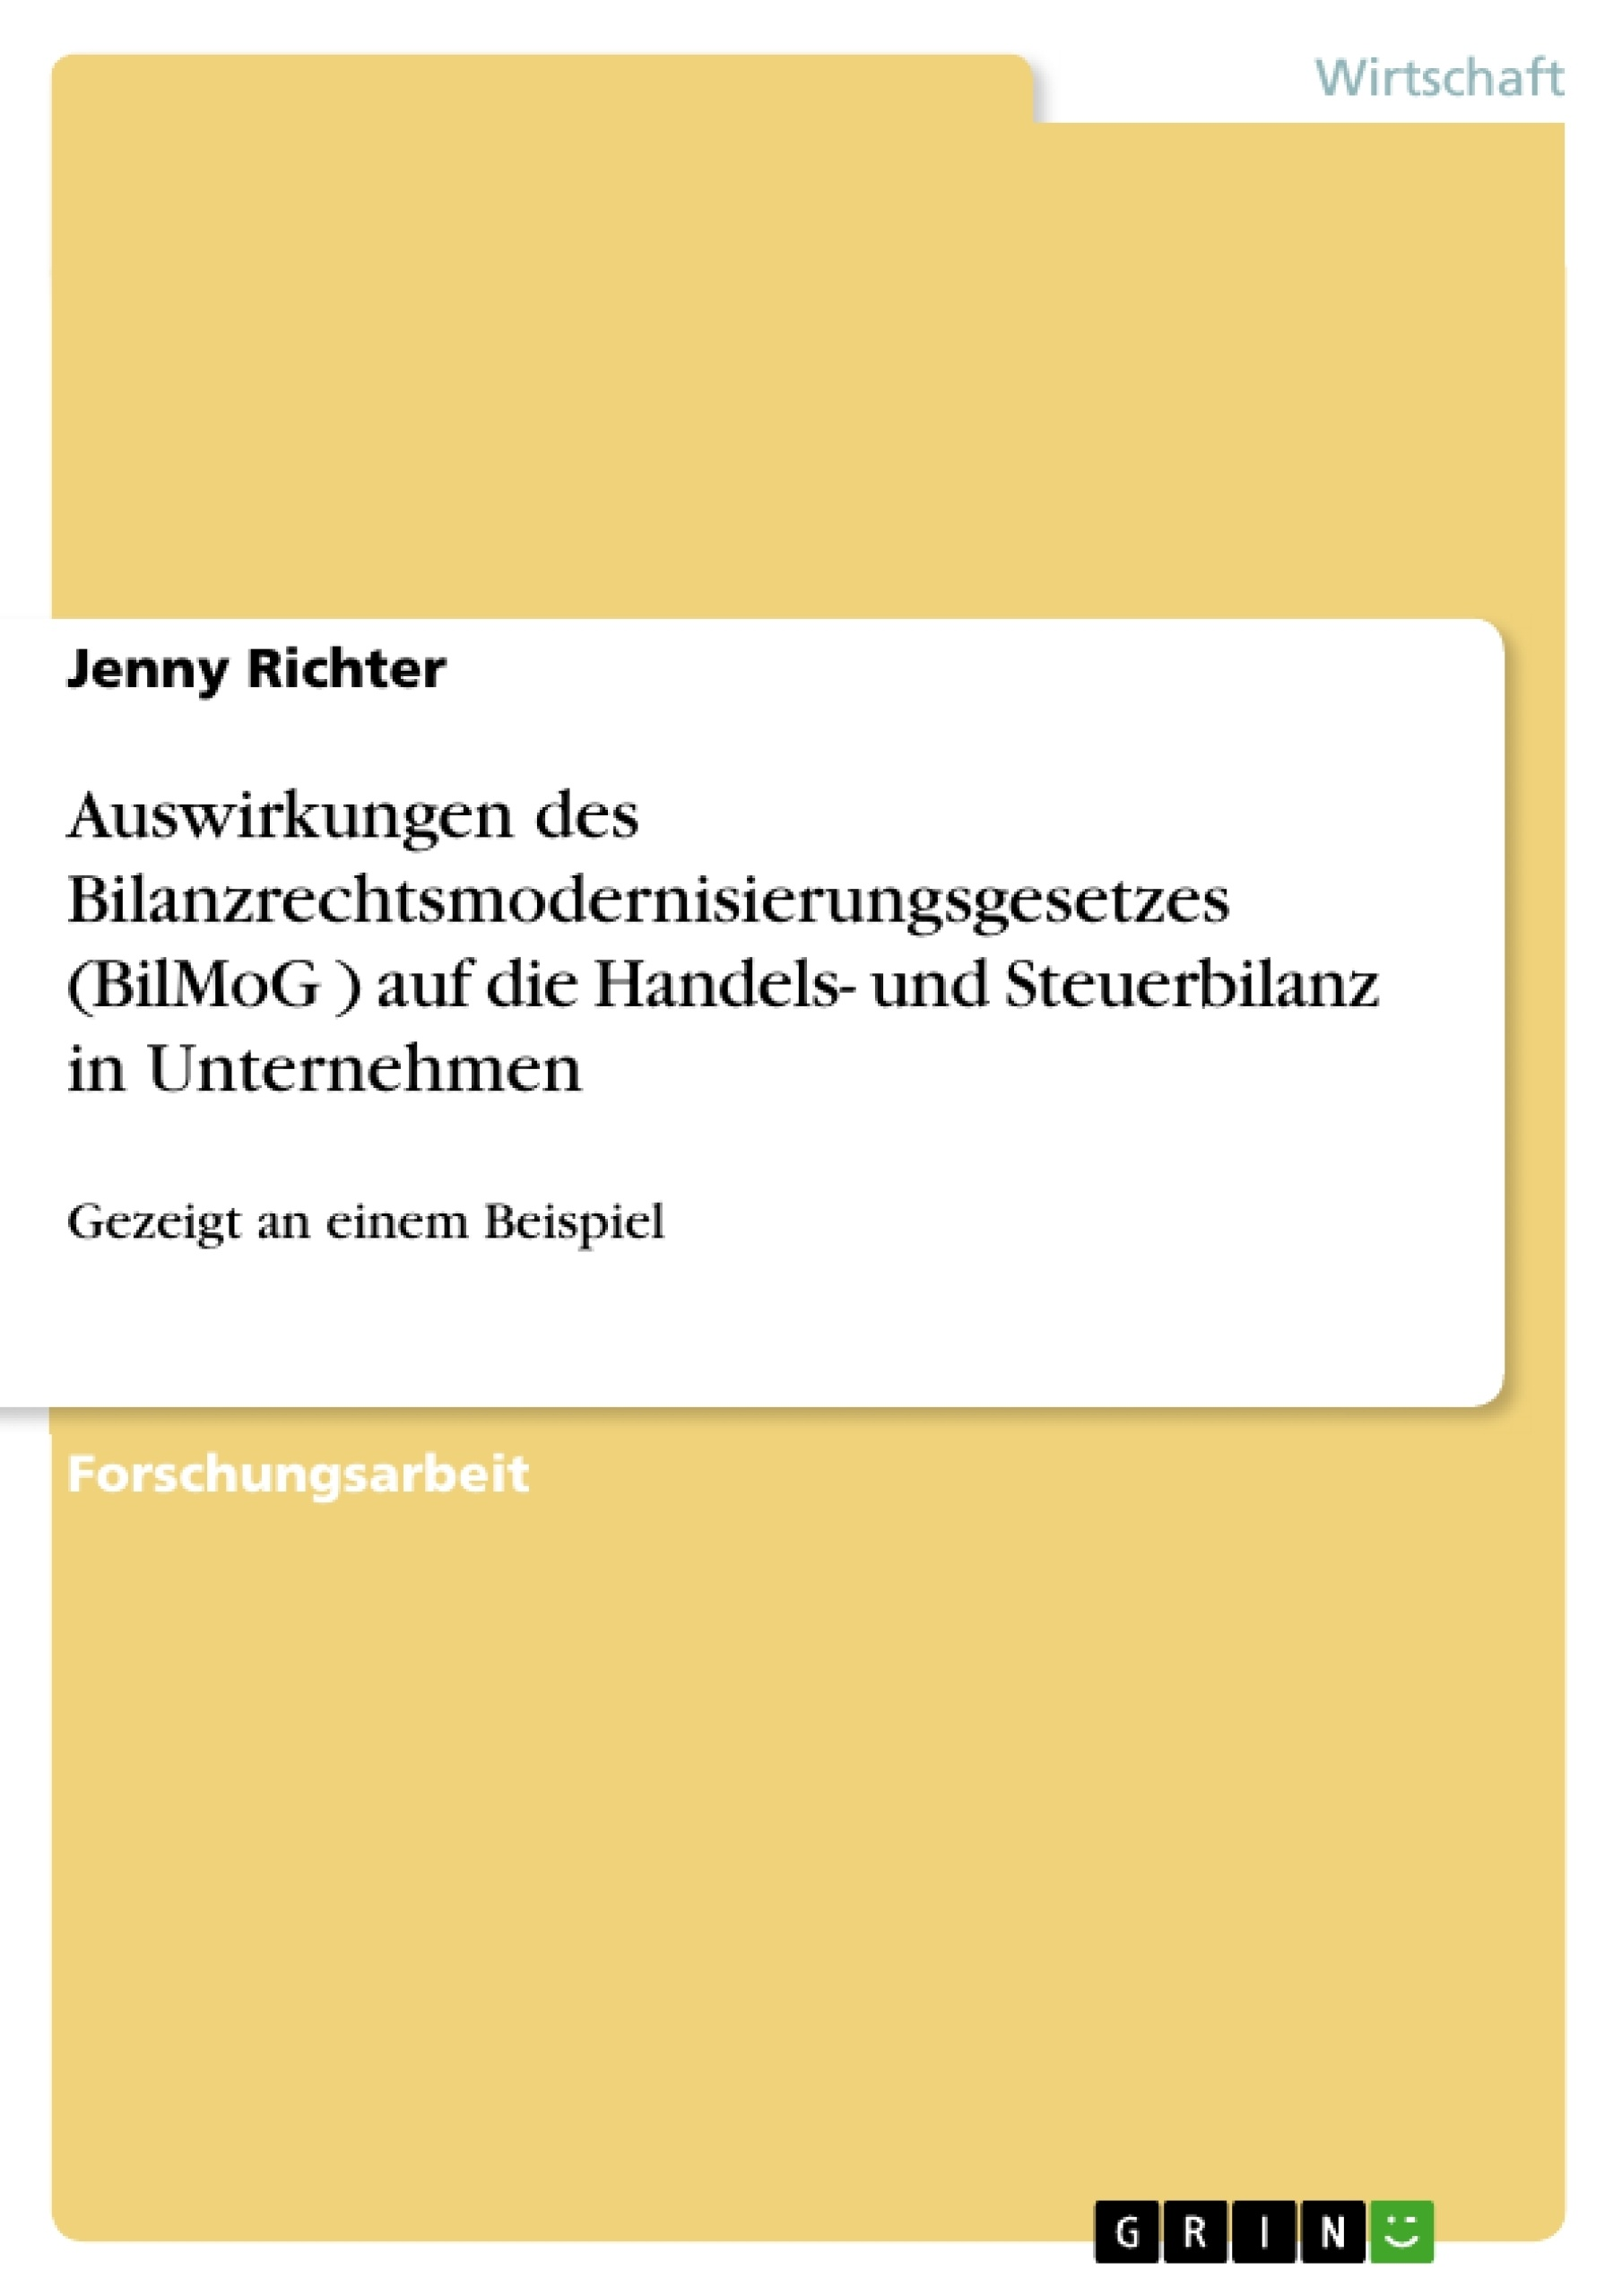 Titel: Auswirkungen des Bilanzrechtsmodernisierungsgesetzes (BilMoG ) auf die Handels- und Steuerbilanz in Unternehmen